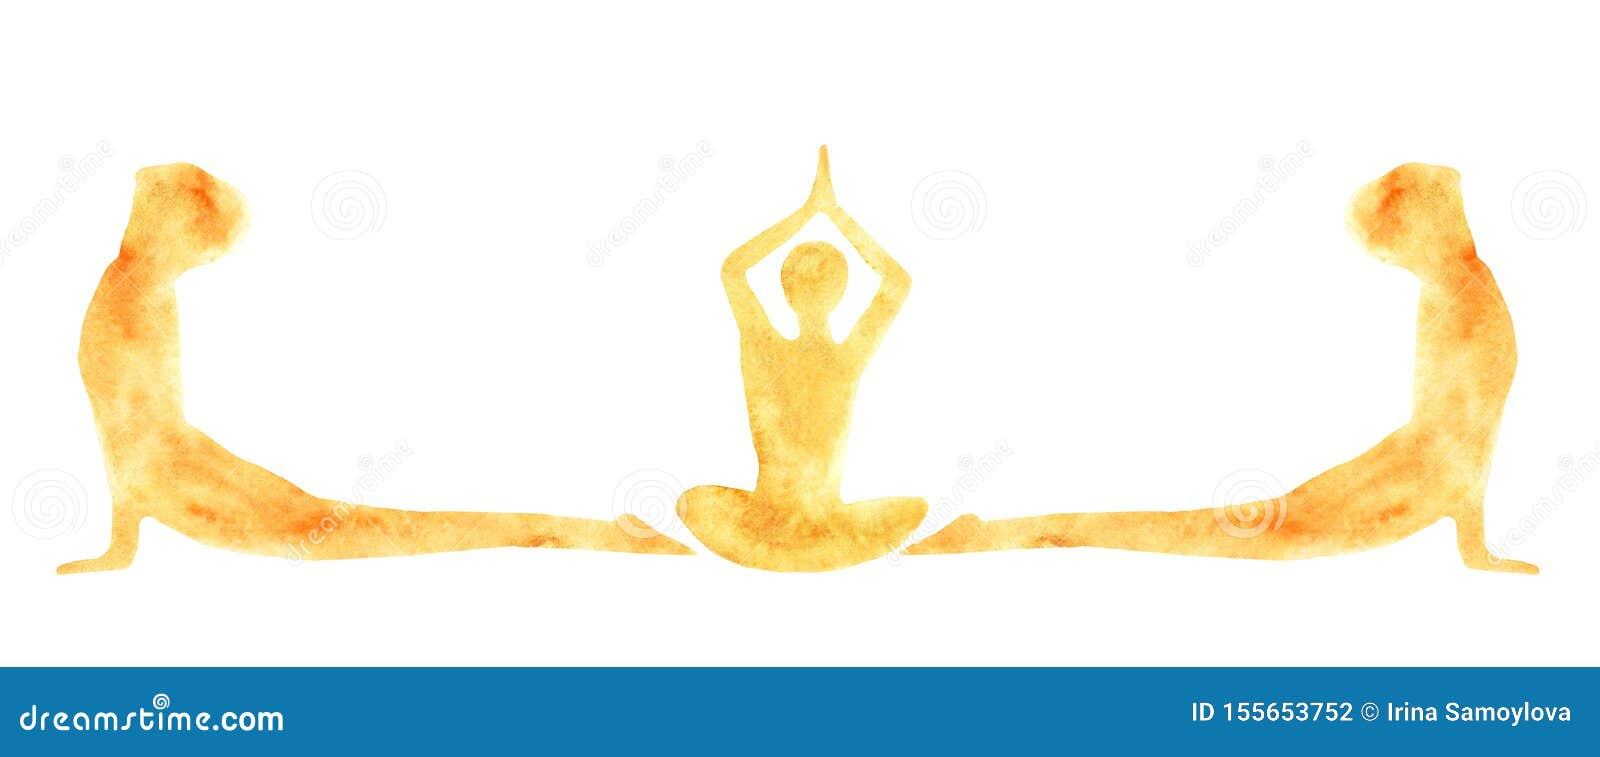 Bandera de la acuarela de siluetas de las actitudes practicantes Suri Namaskar de los asanas de la yoga de la gente